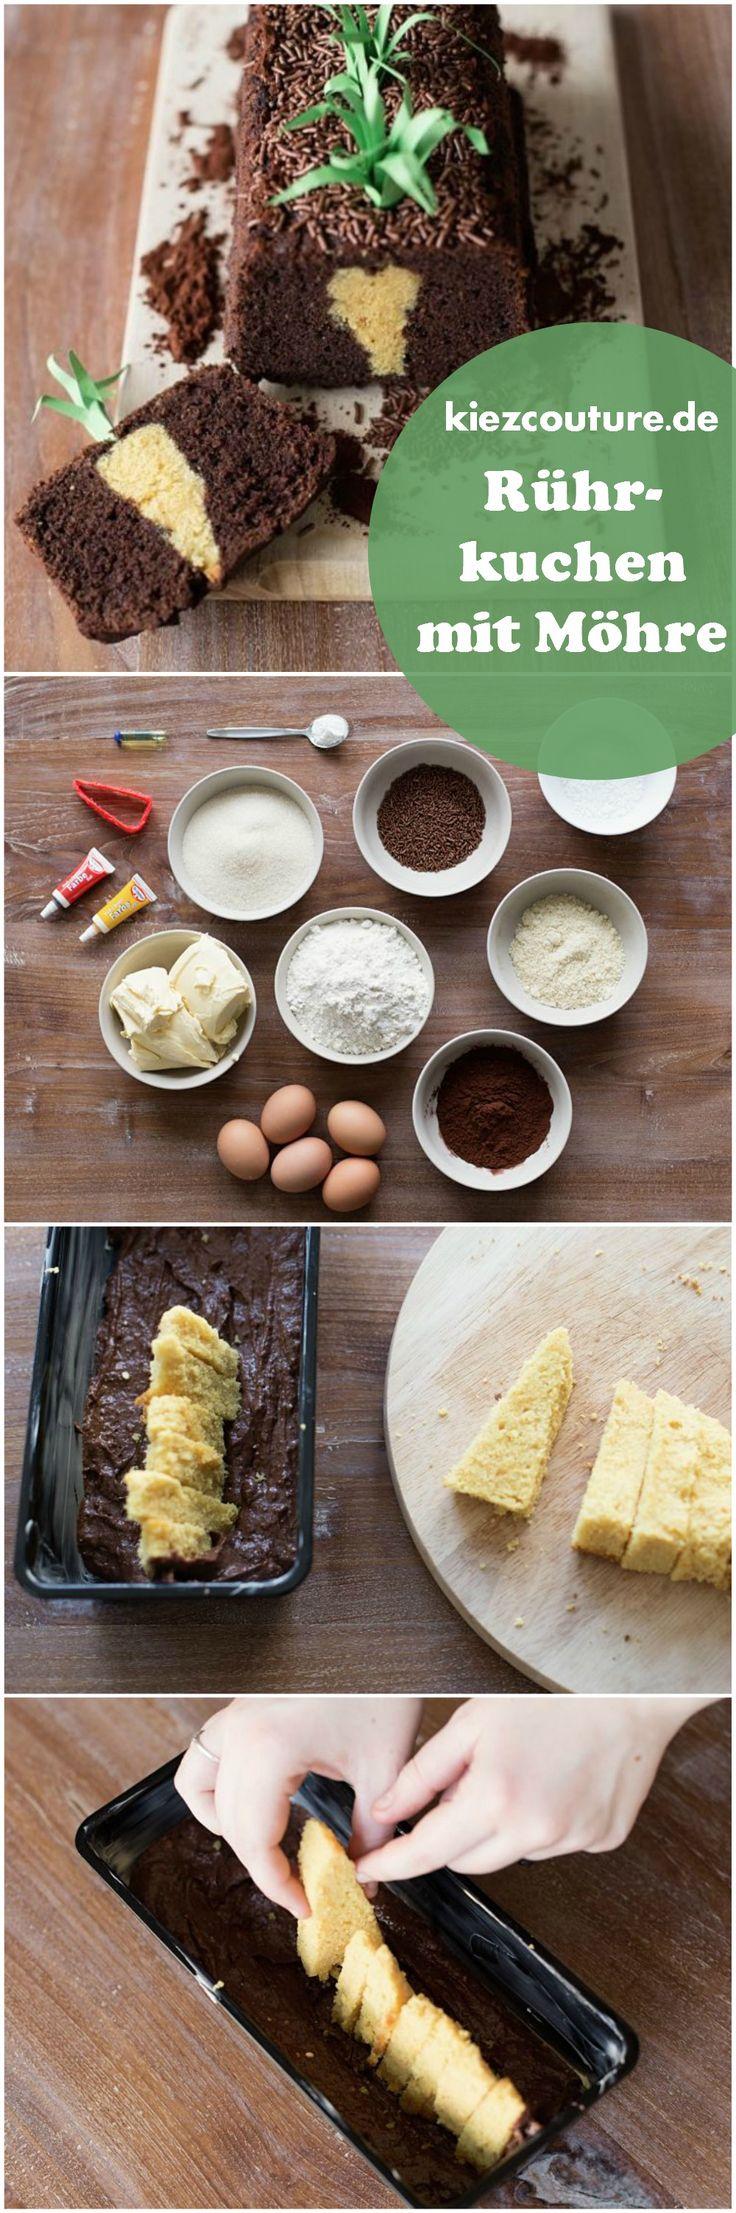 Rezept Rührkuchen mit Möhre via kiezcouture.de